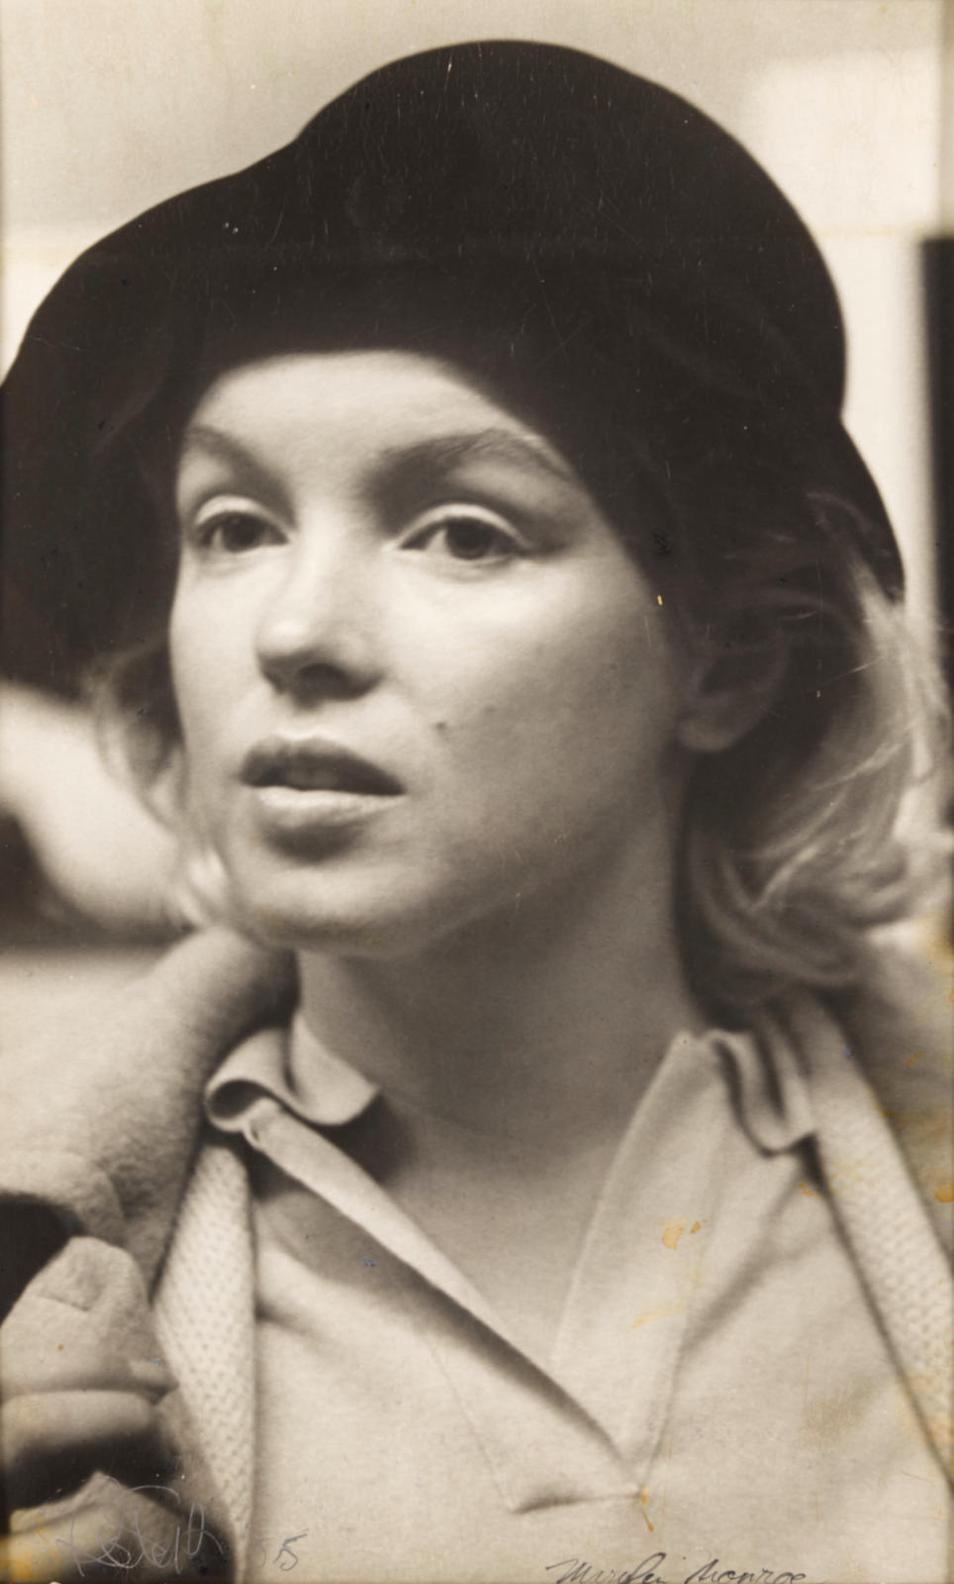 Roy Schatt-Marilyn Monroe-1955